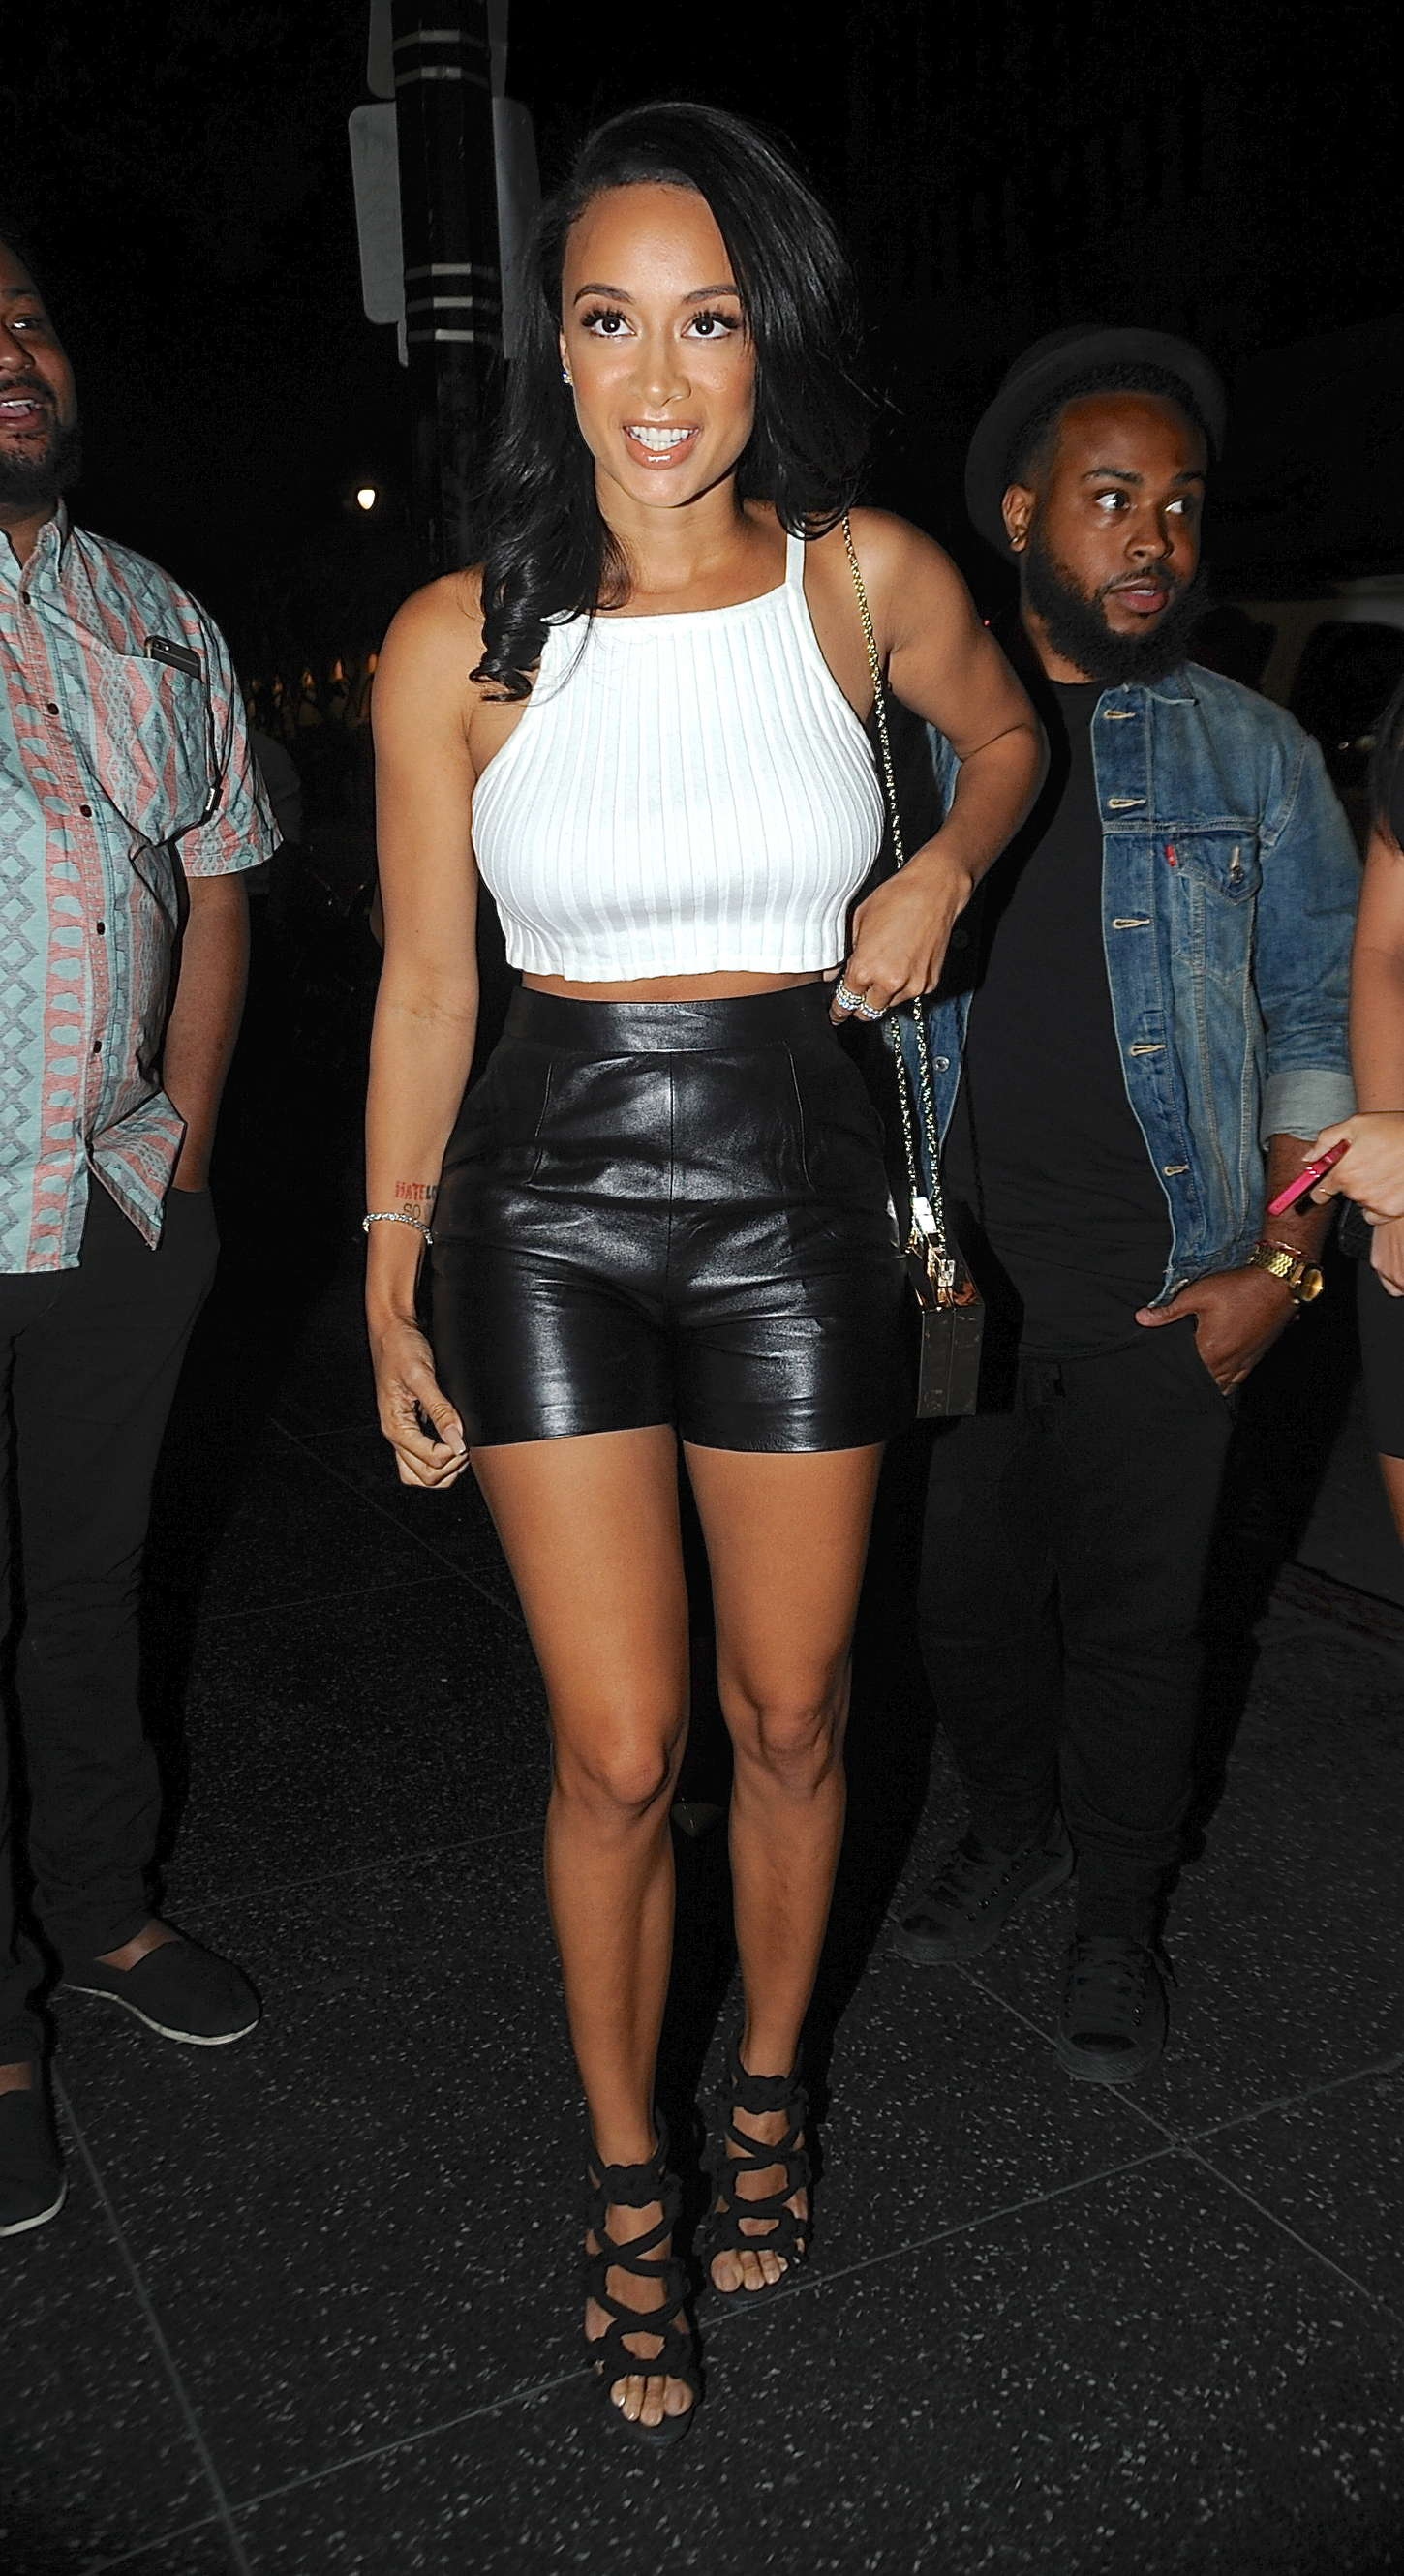 Draya Michele at Supperclub